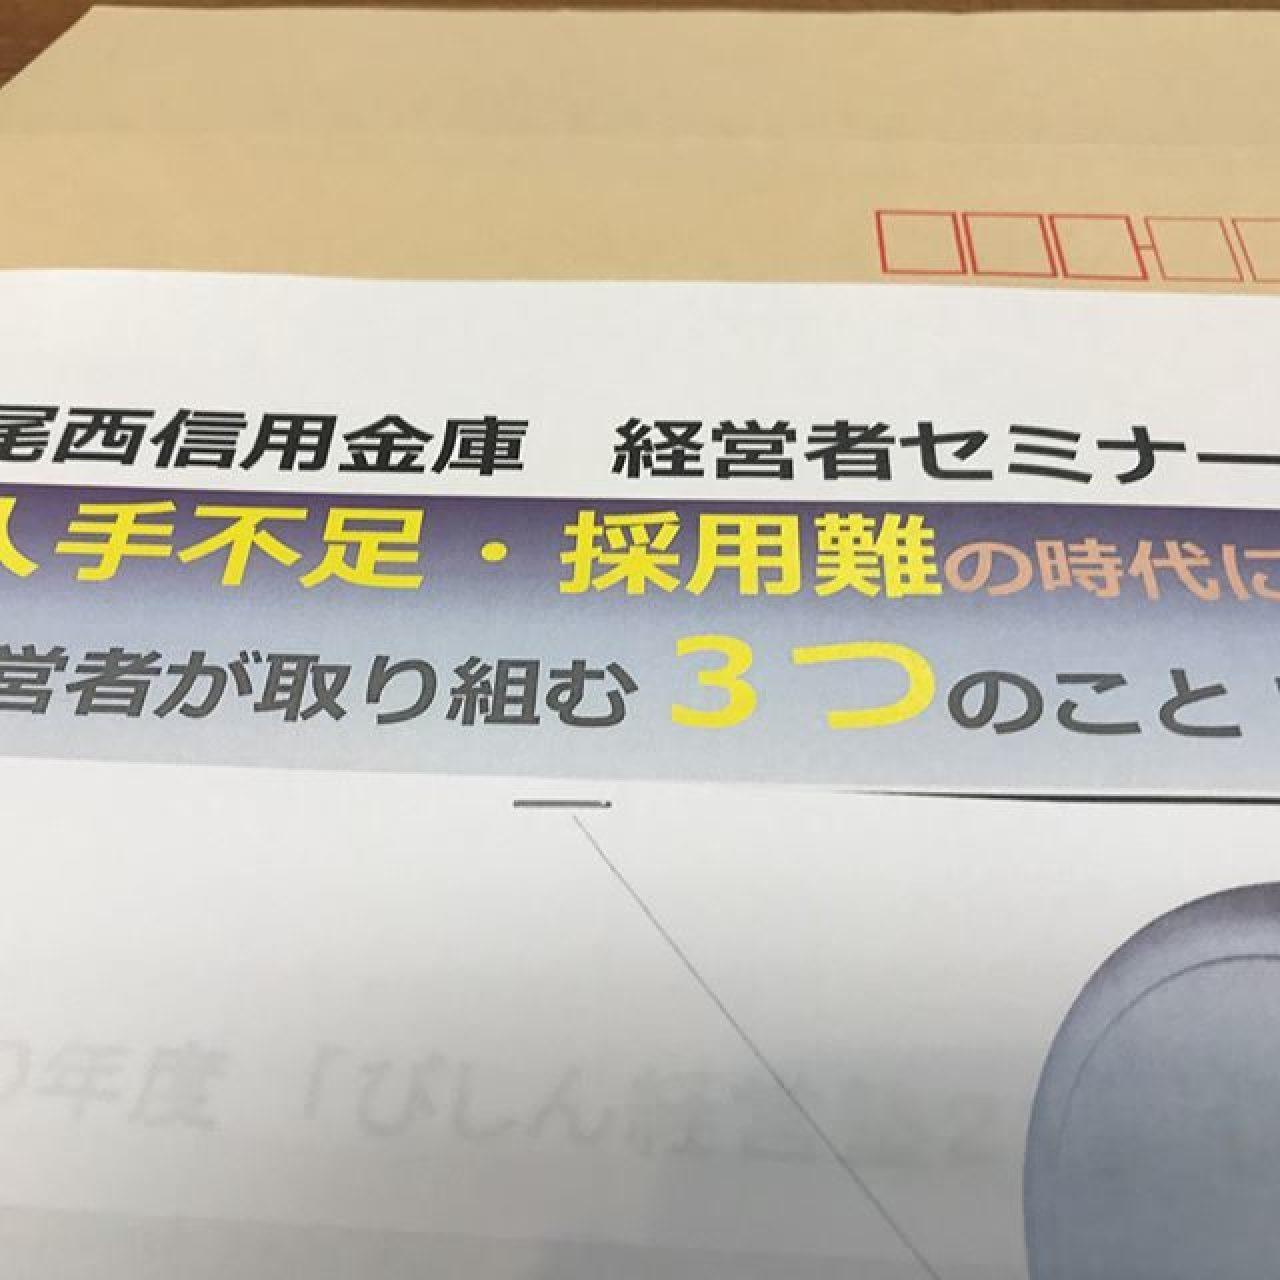 尾西信用金庫さん主催の経営者セミナーに参加してきました